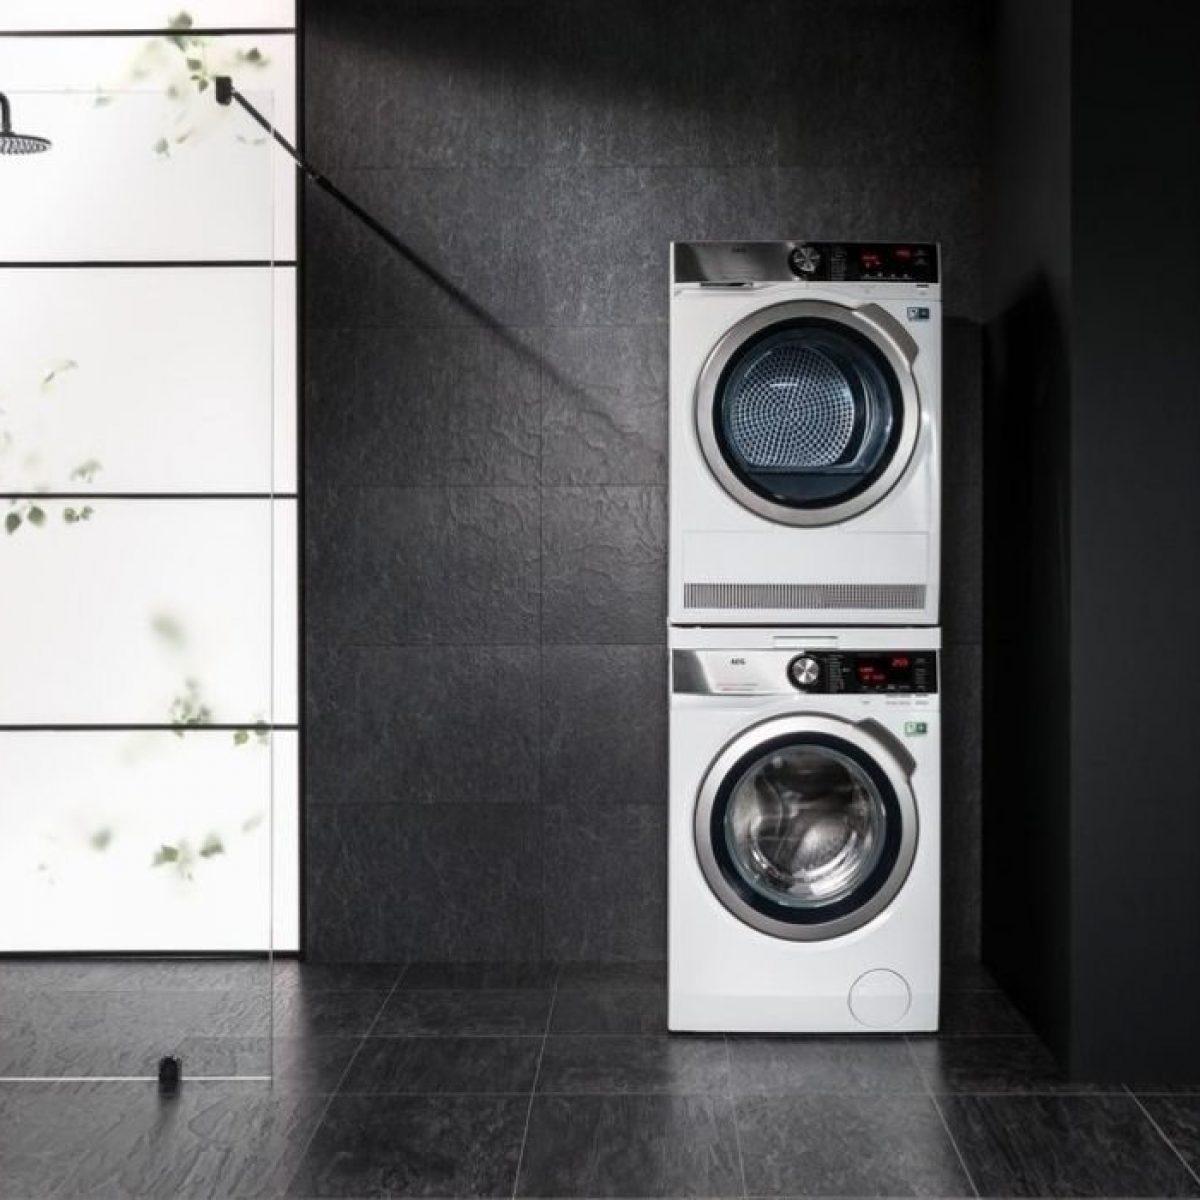 Lavatrice Ed Asciugatrice Sovrapposte migliori kit lavatrice asciugatrice: classifica 2020 e guida